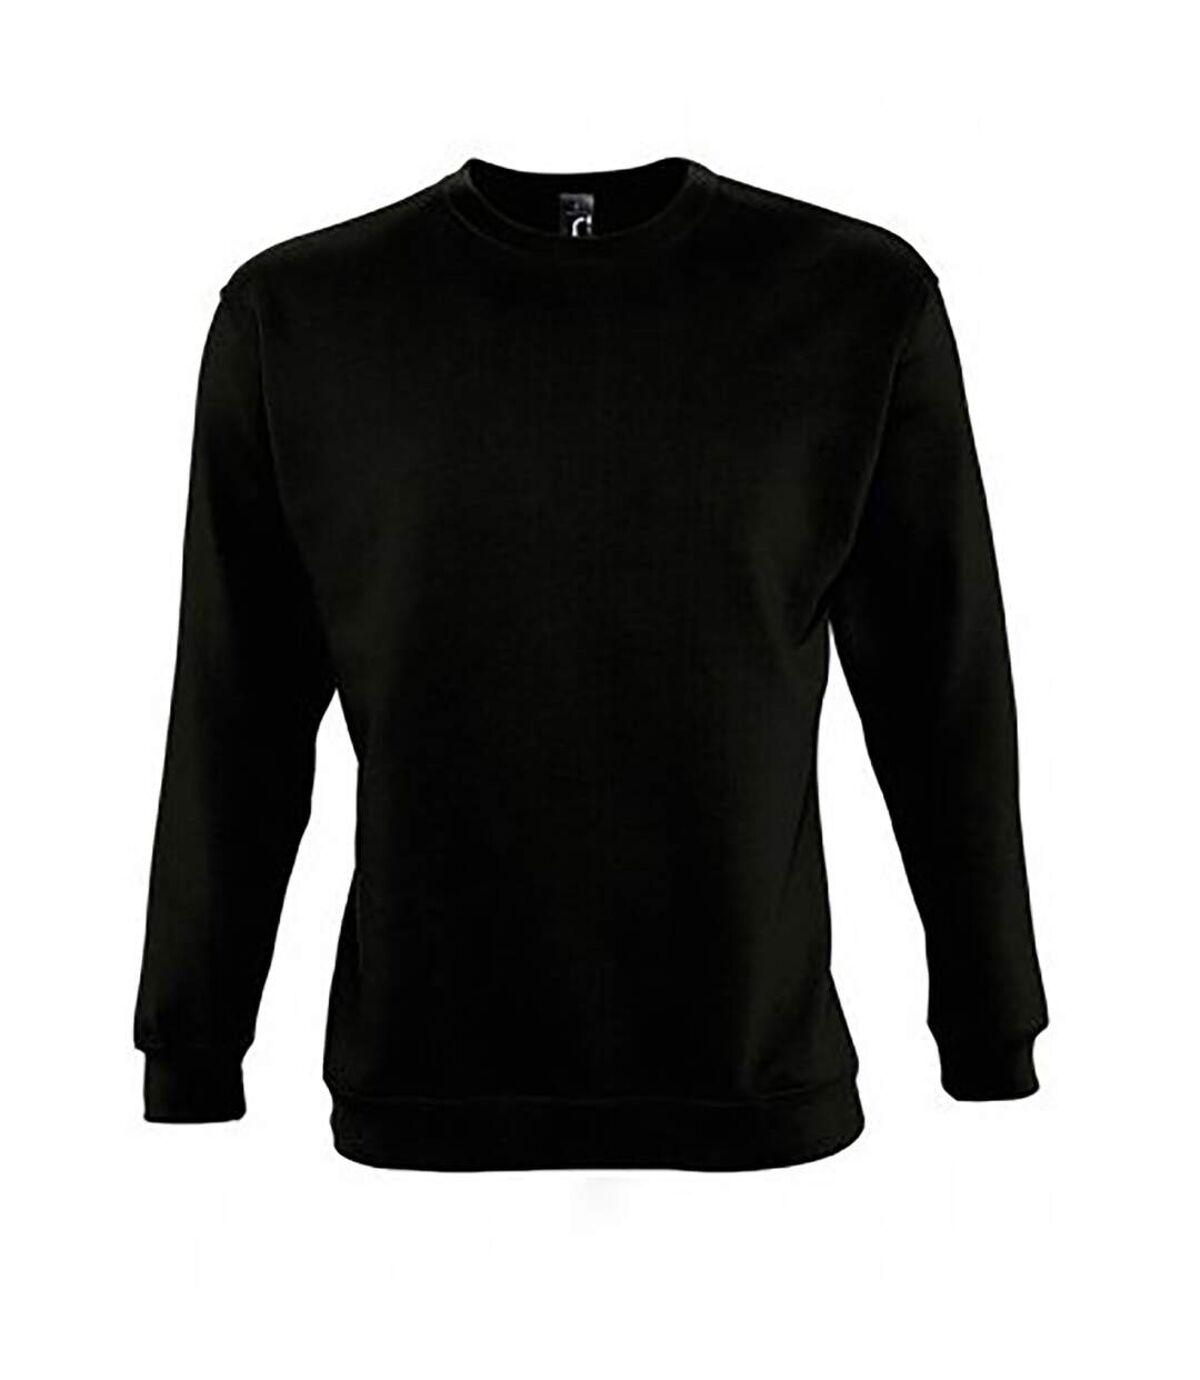 SOLS Unisex Supreme Sweatshirt (Black) - UTPC2837